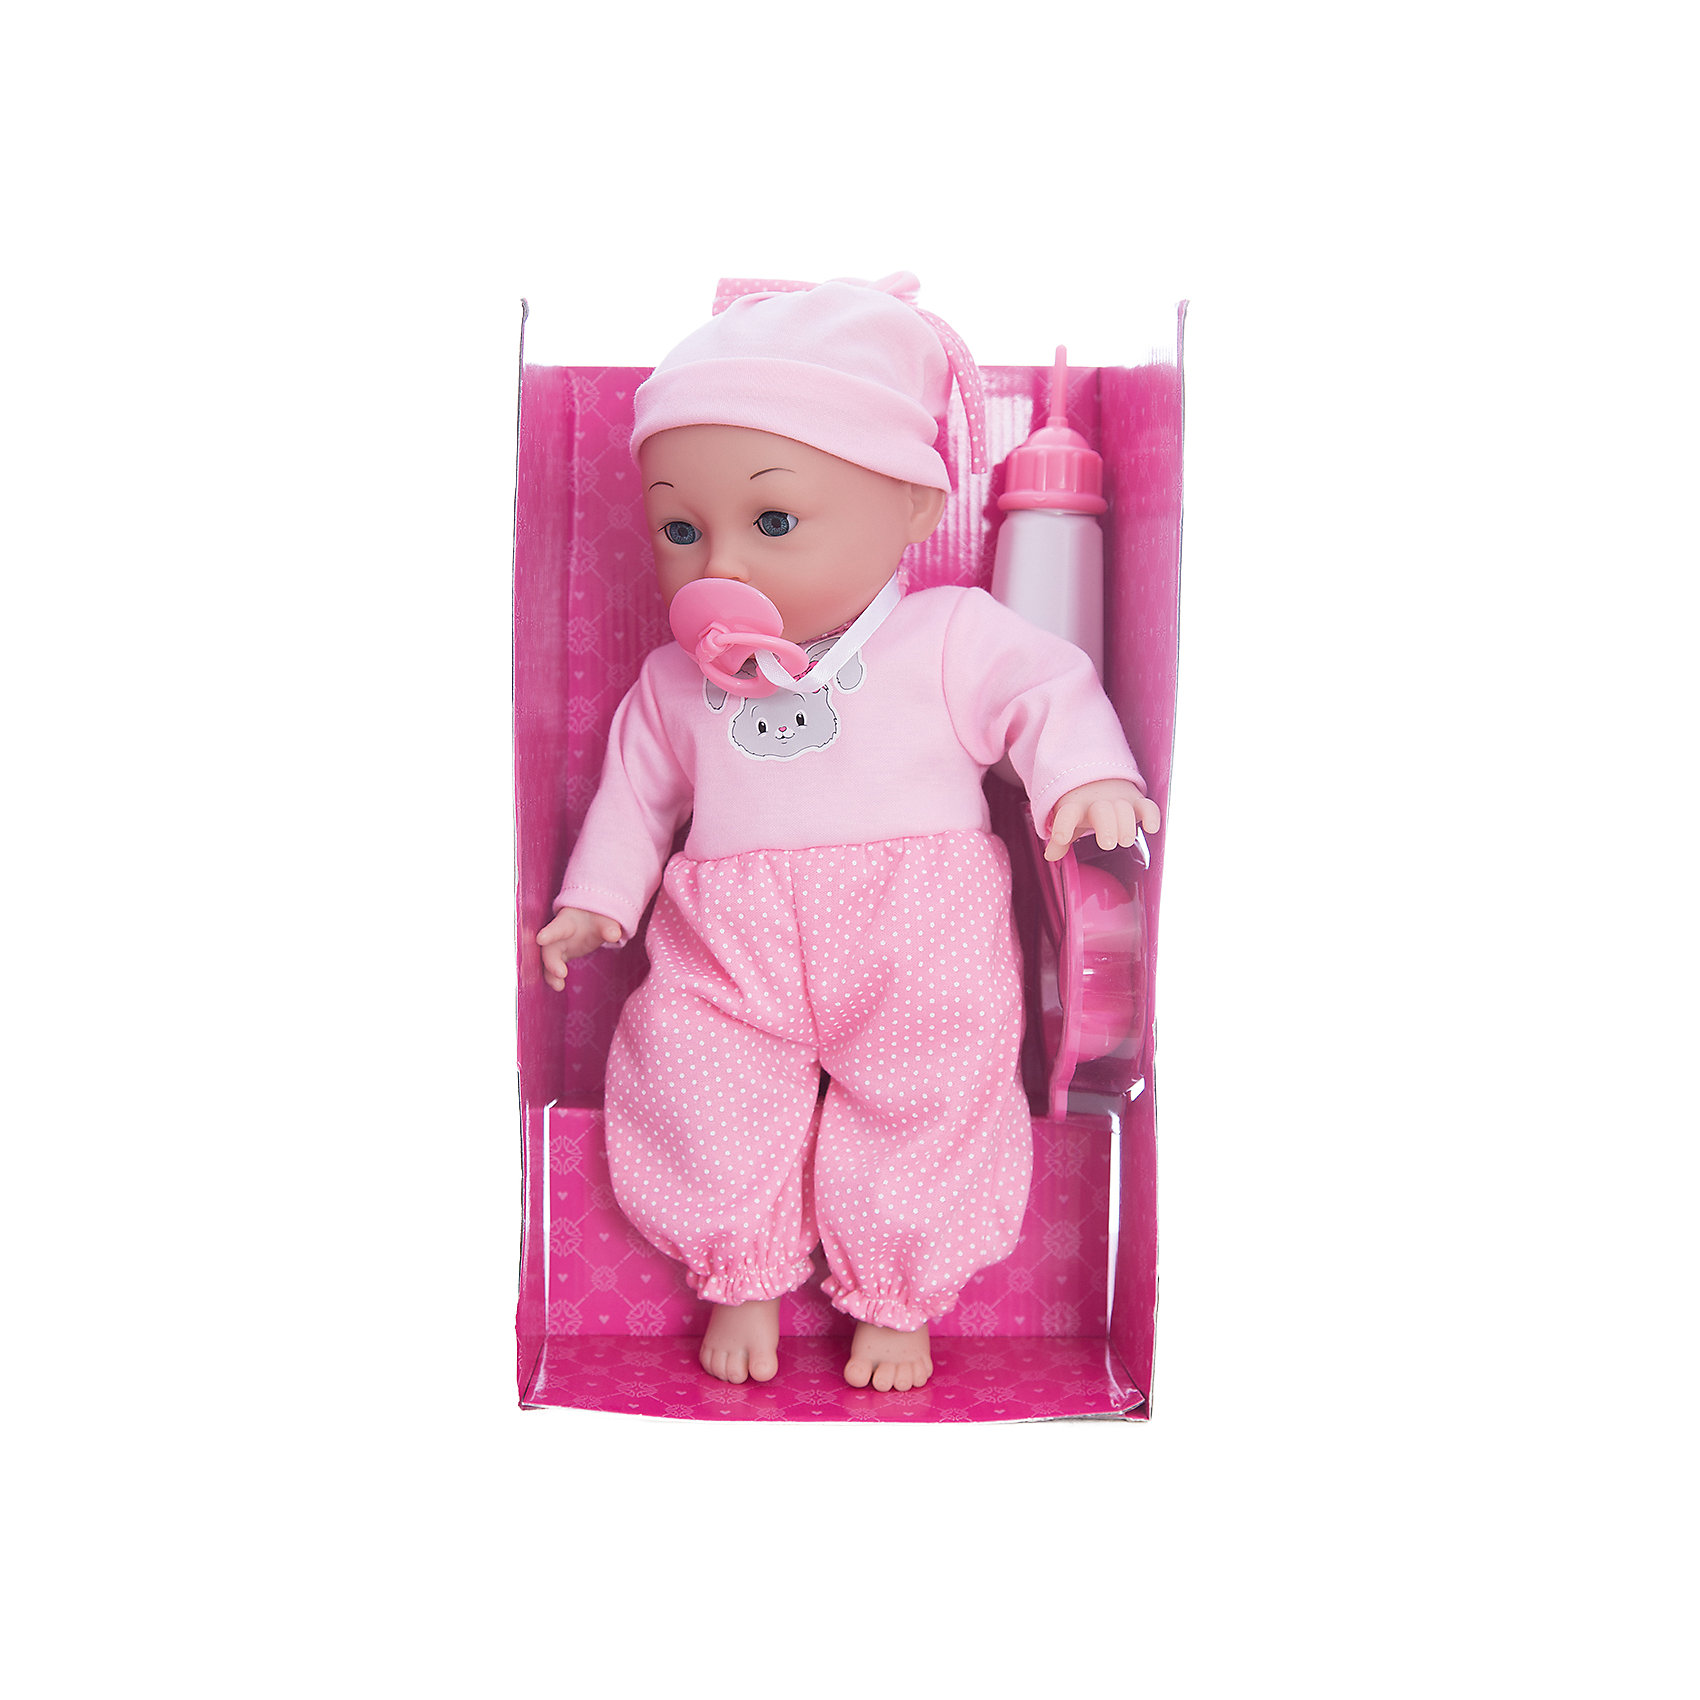 Интерактивная кукла Катя Я нуждаюсь в твоей заботе, 40 см, Mary PoppinsИнтерактивные куклы<br>Интерактивная кукла Катя Я нуждаюсь в твоей заботе, 40 см от популярного российского бренда кукол и аксессуаров Mary Poppins (Мэри Поппинс). Эта интерактивная кукла выглядит как настоящий ребеночек! Она умеет пить из бутылочки, сосать соску, смеяться, когда ее щекочат и двигать лицом. Катя одета в фиолетовые штанишки и полосатую кофточку, а на голове малышки стильная сиреневая шапочка. Играя с куклами дети познают человека, как с физиологической, так и с стороны общения между людьми, развивается моторика рук, внимание, воображение, такие игры положительно влияют на психологическое развитие. <br><br>Дополнительная информация:<br><br>- В комплект входит: 1 кукла в одежде, пустышка, бутылочка.<br>- Материал: ПВХ, текстиль, пластик <br>- Размер куклы: 40 см<br>- Необходимы две батарейки типа LR44 (входят в комплект)<br><br>Интерактивную куклу Катя Я нуждаюсь в твоей заботе, 40 см, Mary Poppins (Мэри Поппинс) можно купить в нашем интернет-магазине.<br><br>Подробнее:<br>• Для детей в возрасте: от 3 до 10 лет<br>• Номер товара: 4925544<br>Страна производитель: Китай<br><br>Ширина мм: 290<br>Глубина мм: 140<br>Высота мм: 460<br>Вес г: 3833<br>Возраст от месяцев: 36<br>Возраст до месяцев: 120<br>Пол: Женский<br>Возраст: Детский<br>SKU: 4925544